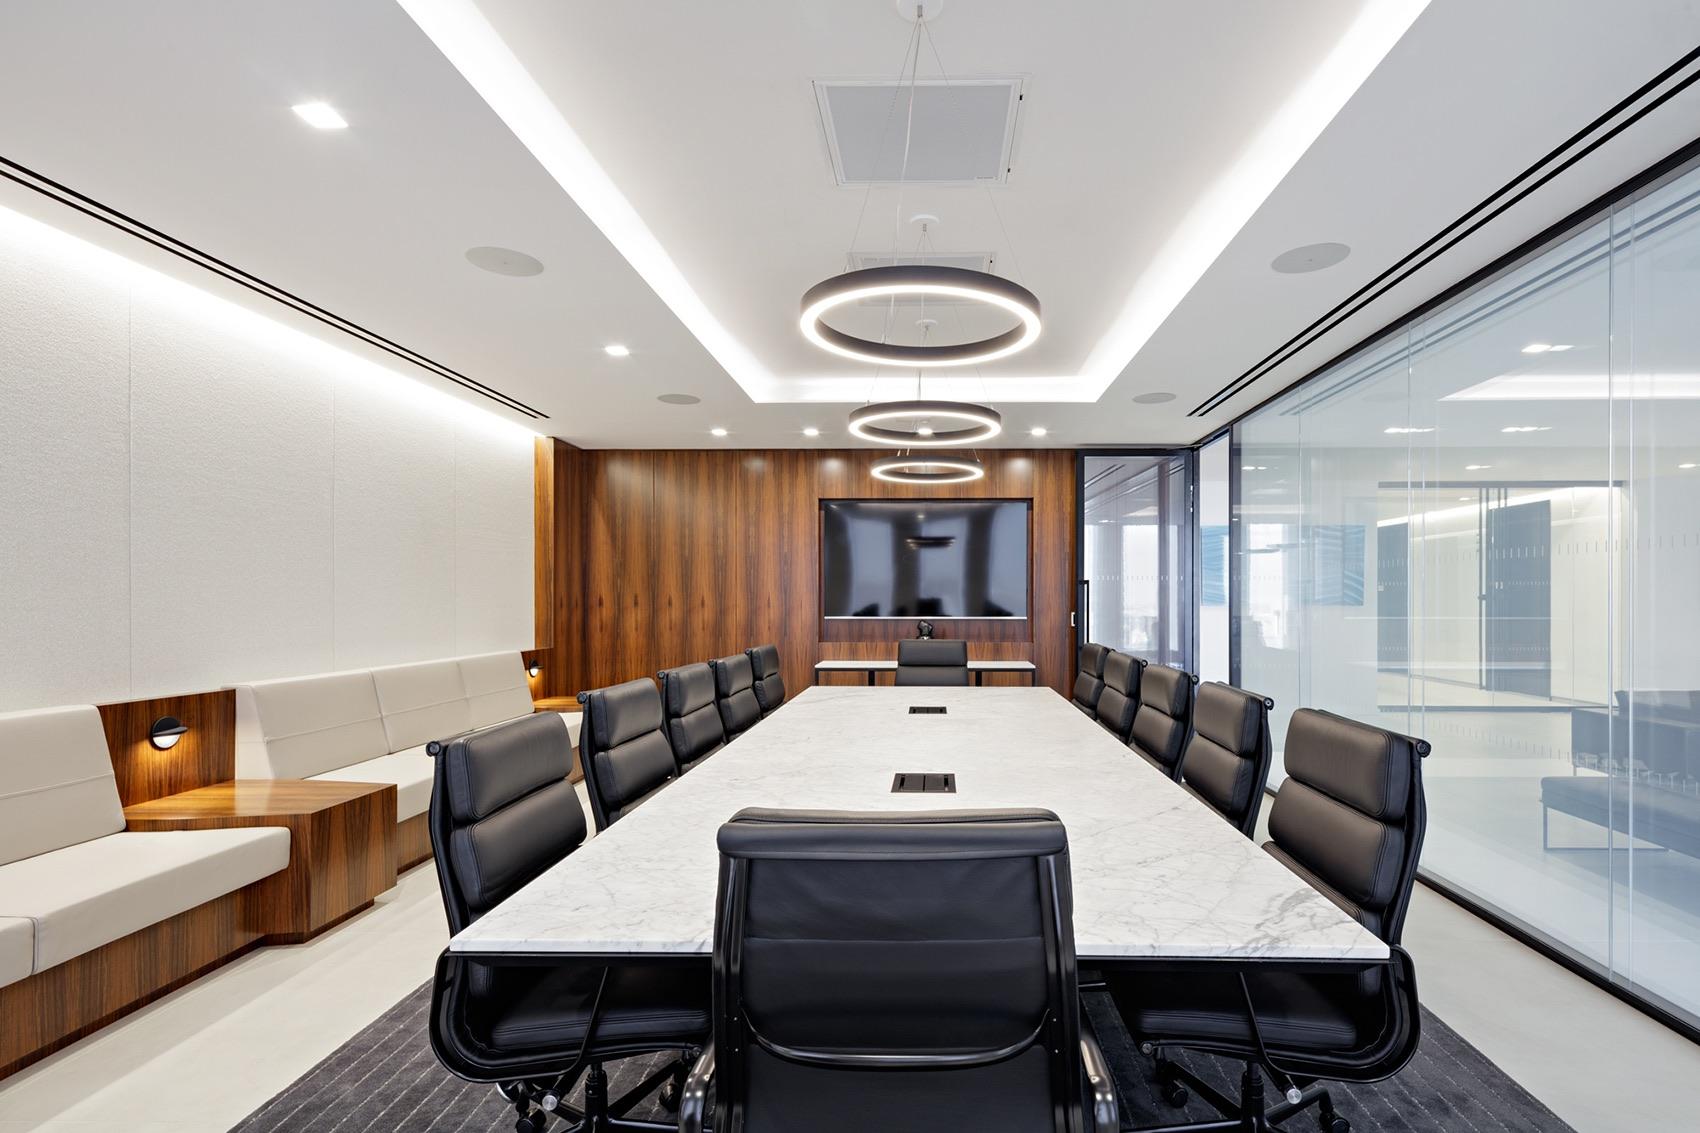 waterfall-asset-management-office-16